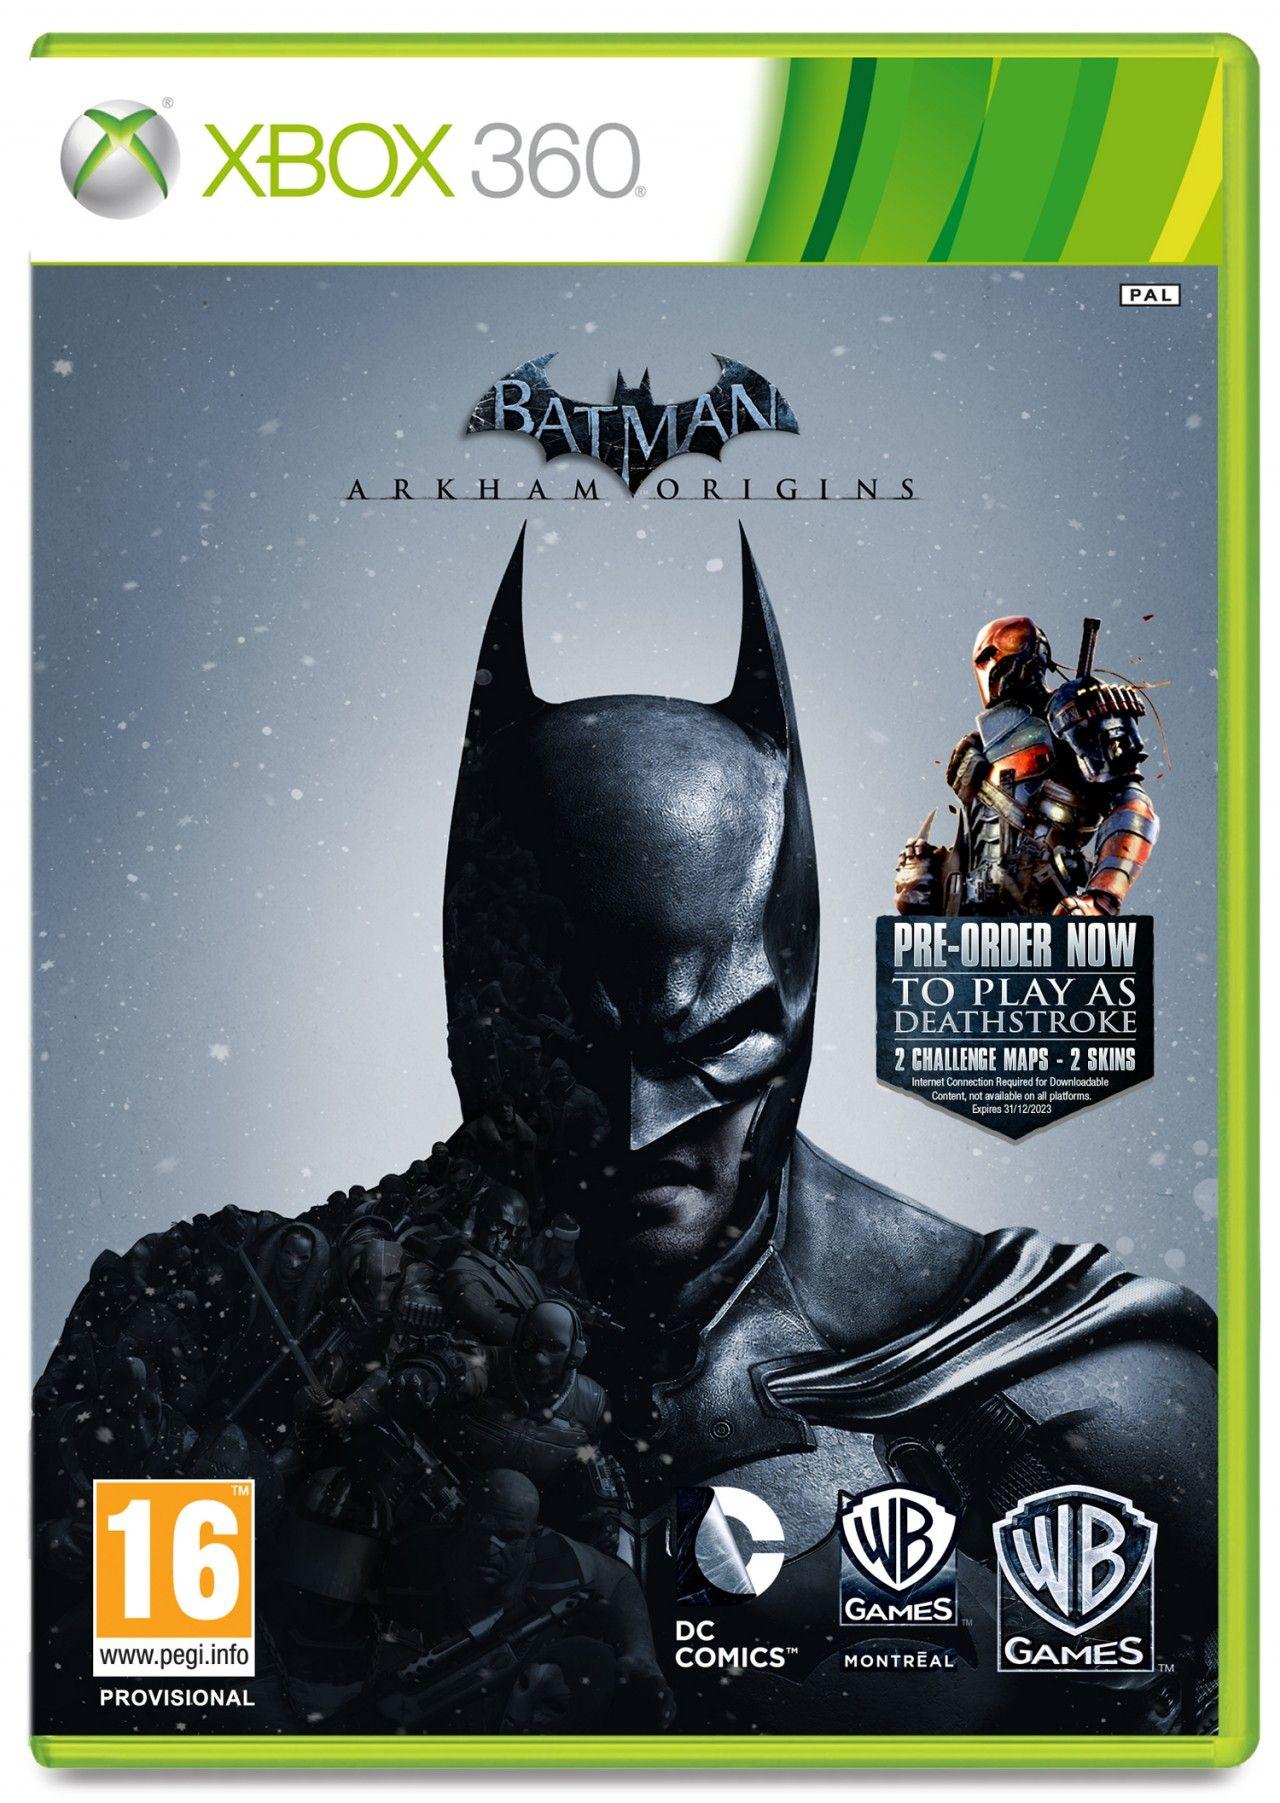 ANÁLISIS: Batman Arkham Origins